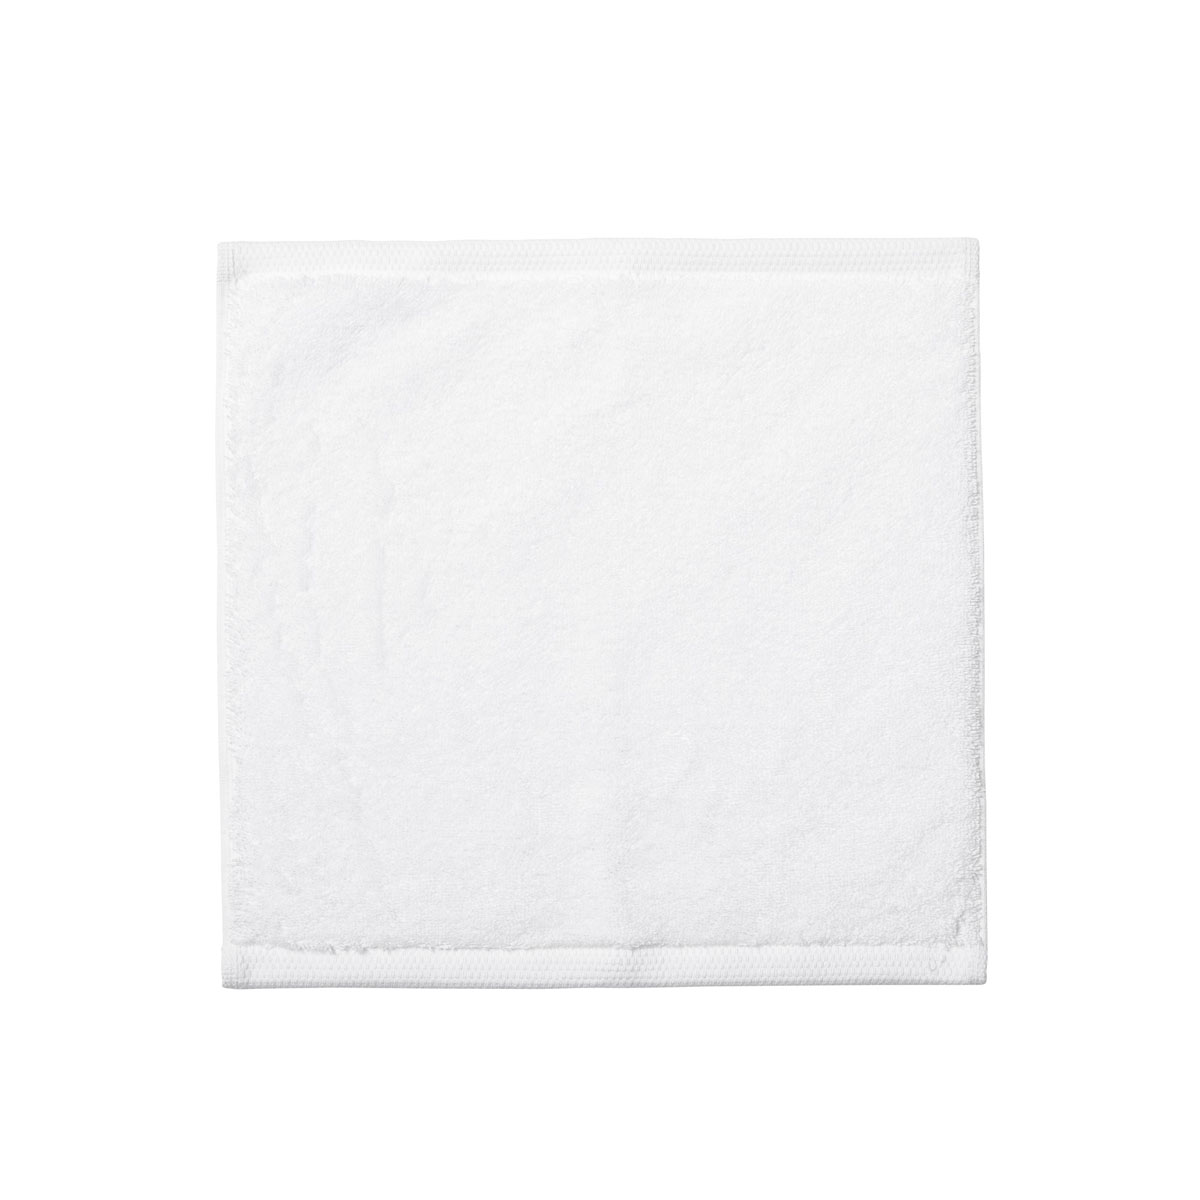 Carré visage en coton blanc 30x30